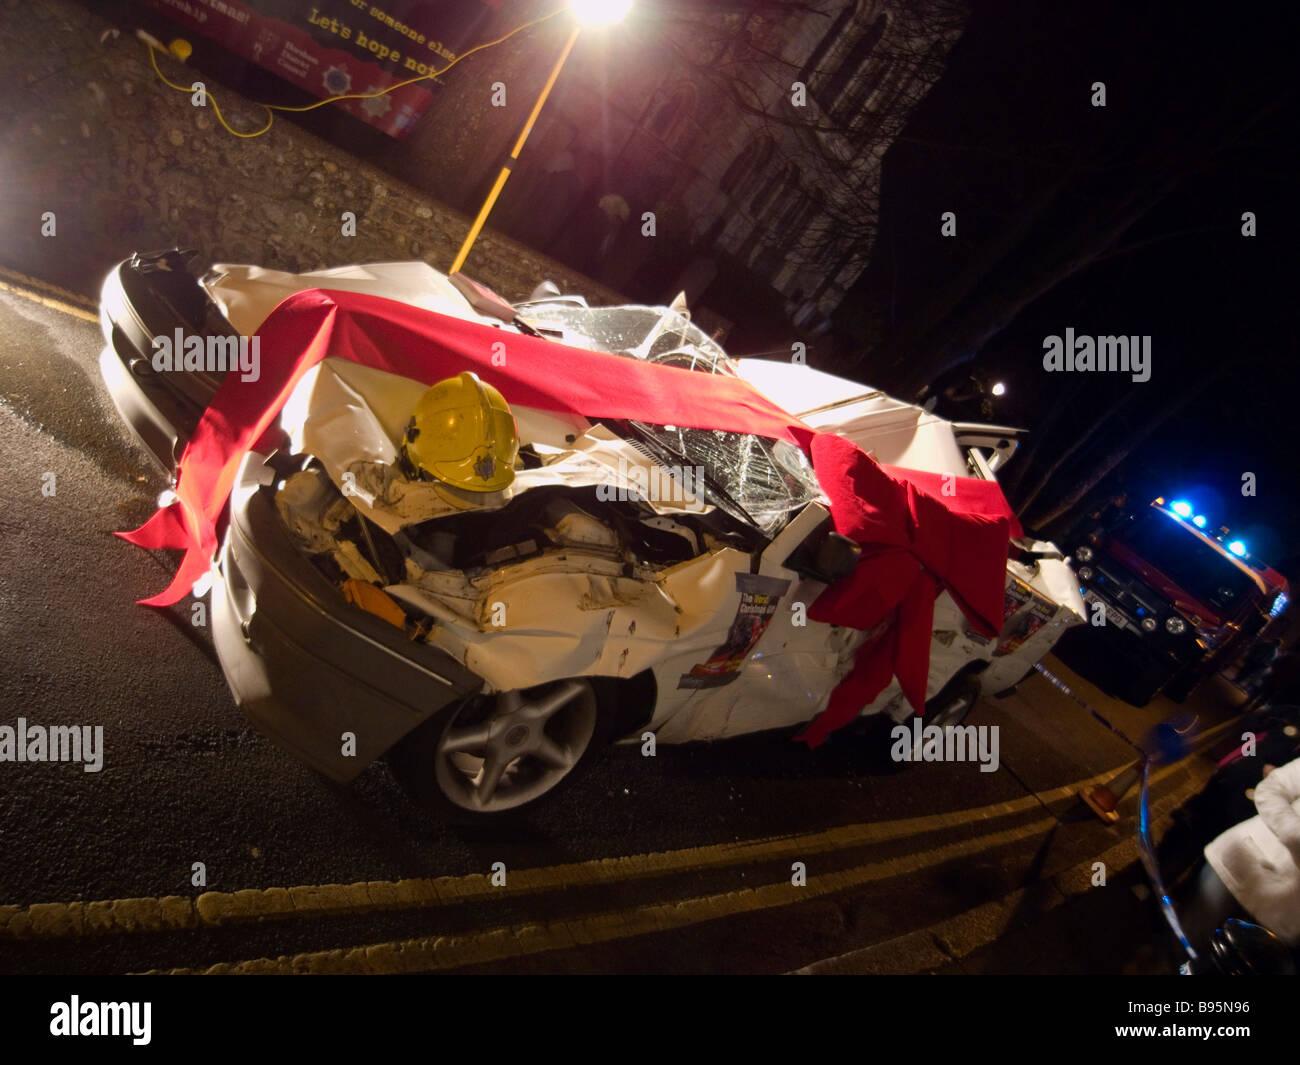 Verkehr, Straße, Autos, beschädigten Auto verpackt in roter Schleife ...